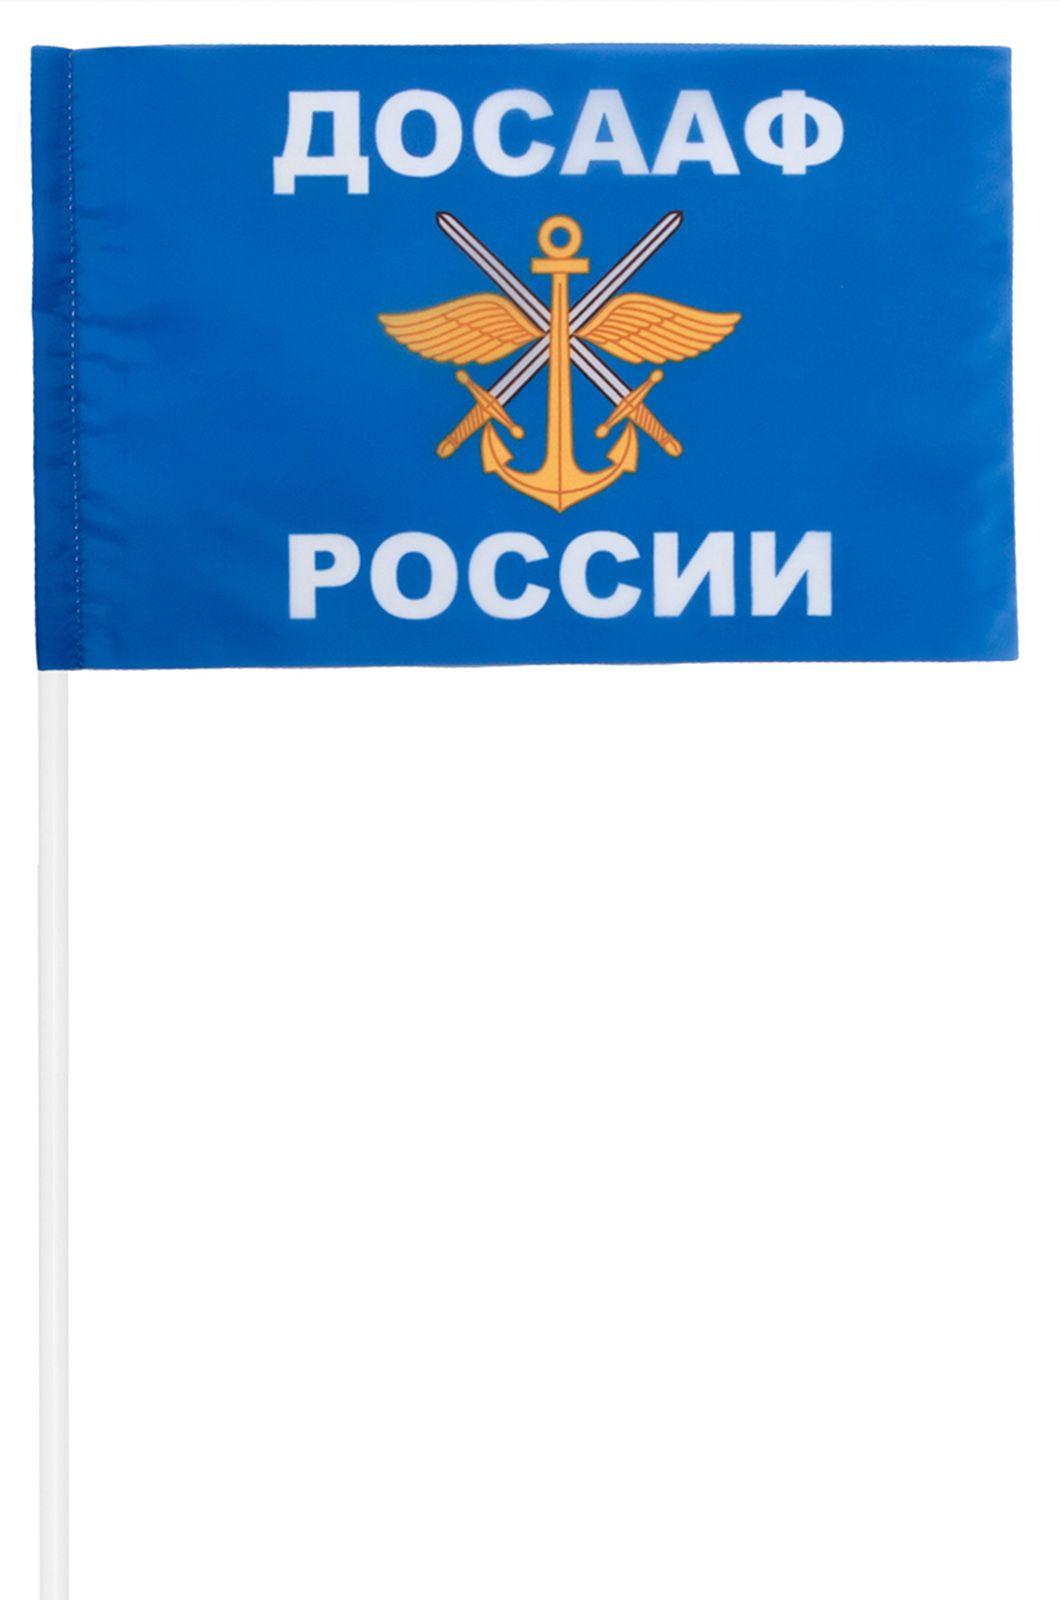 Флажок ДОСААФ РФ